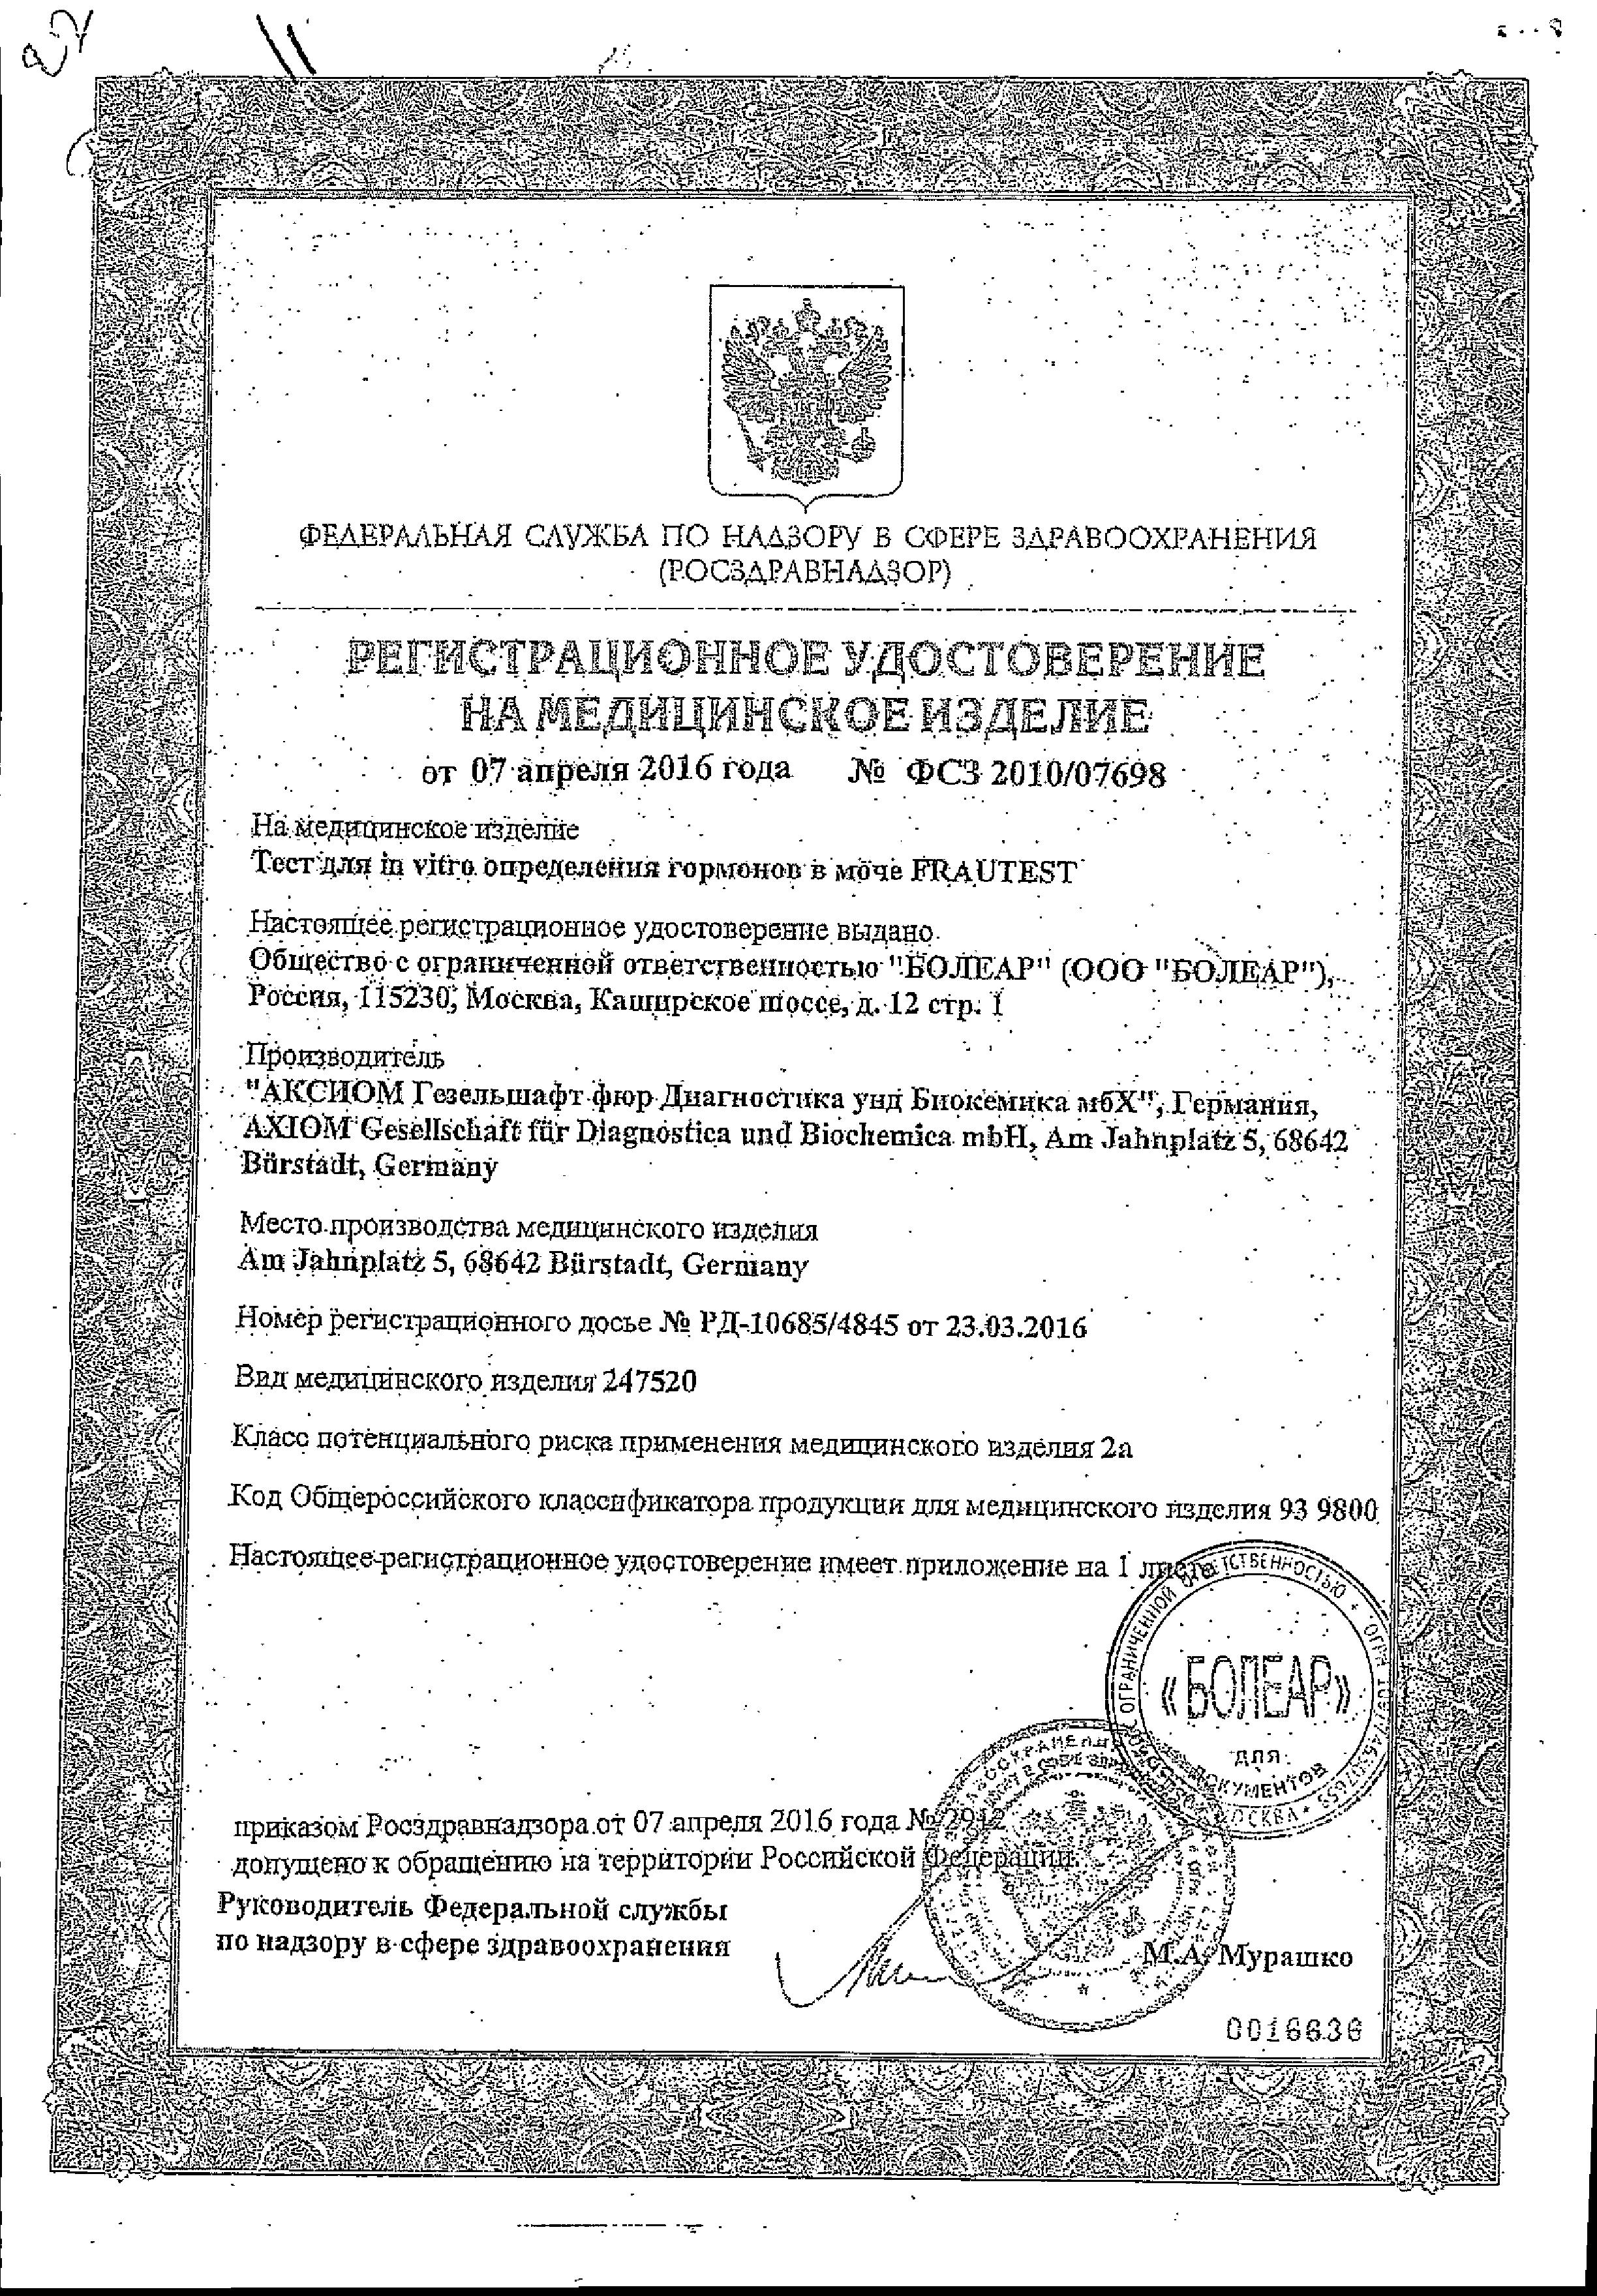 Frautest Тест для определения овуляции сертификат